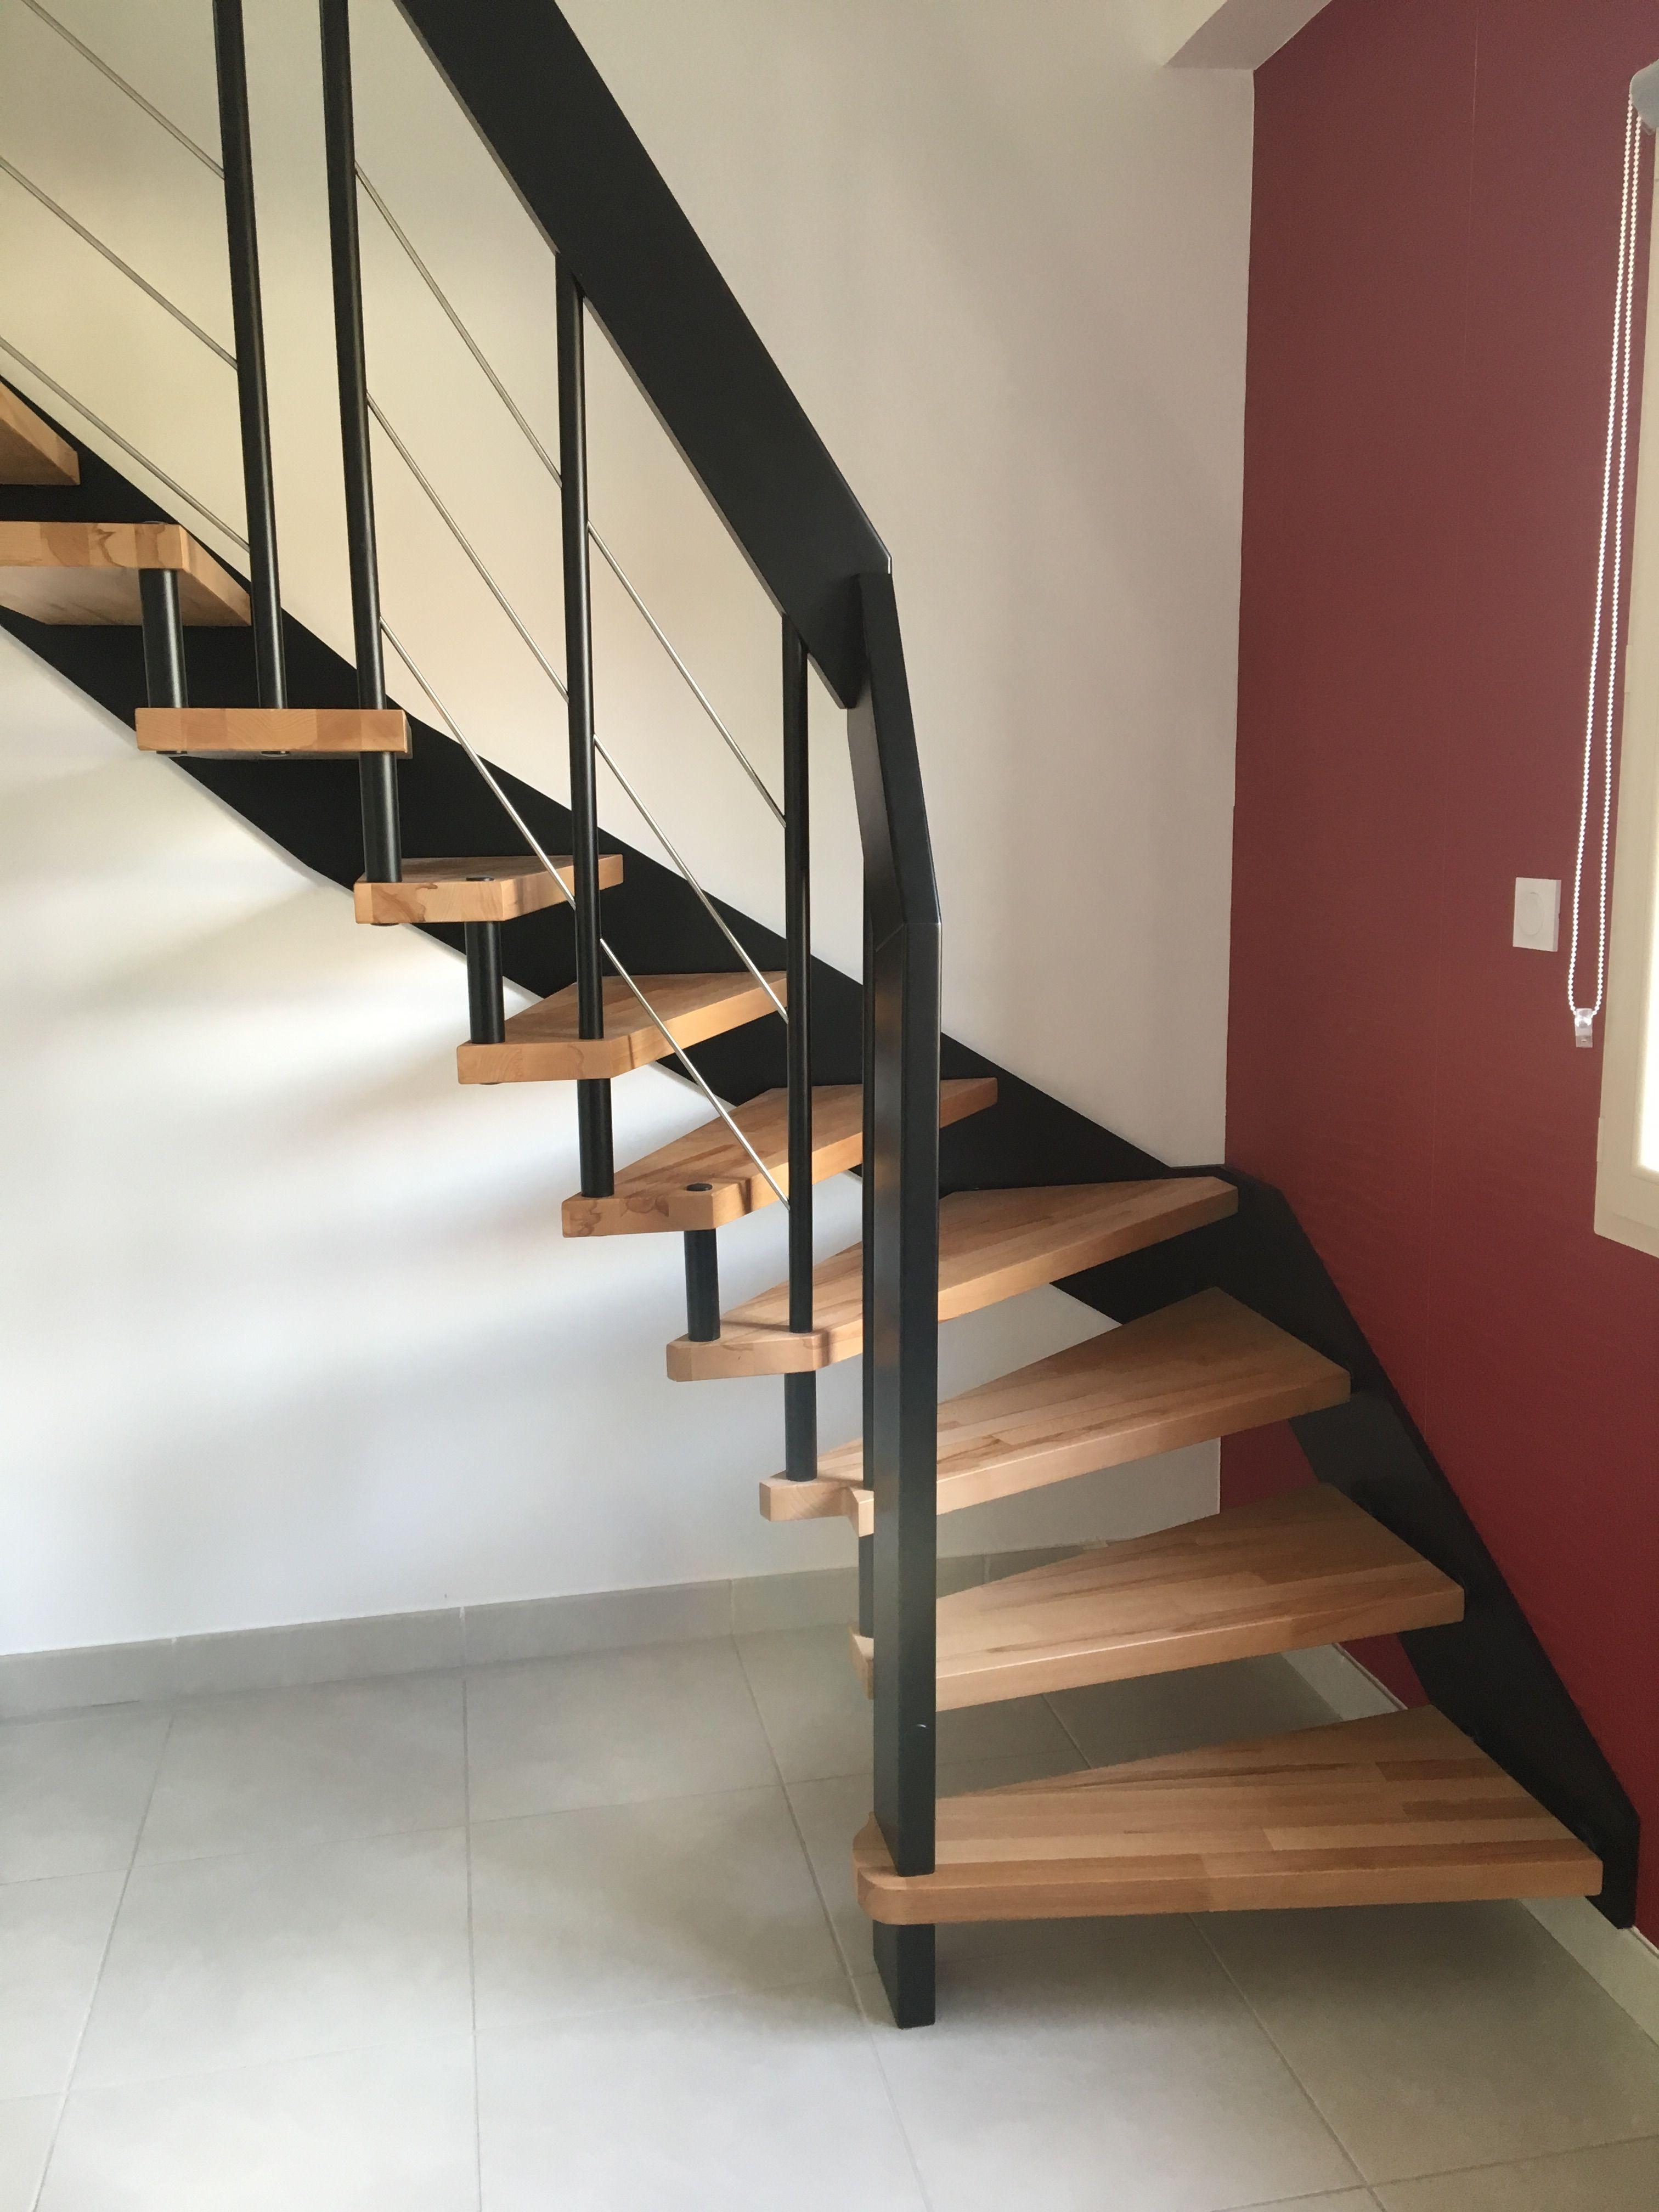 Escalier Prisma Perce Hetre Et Noir Avec Images Escalier